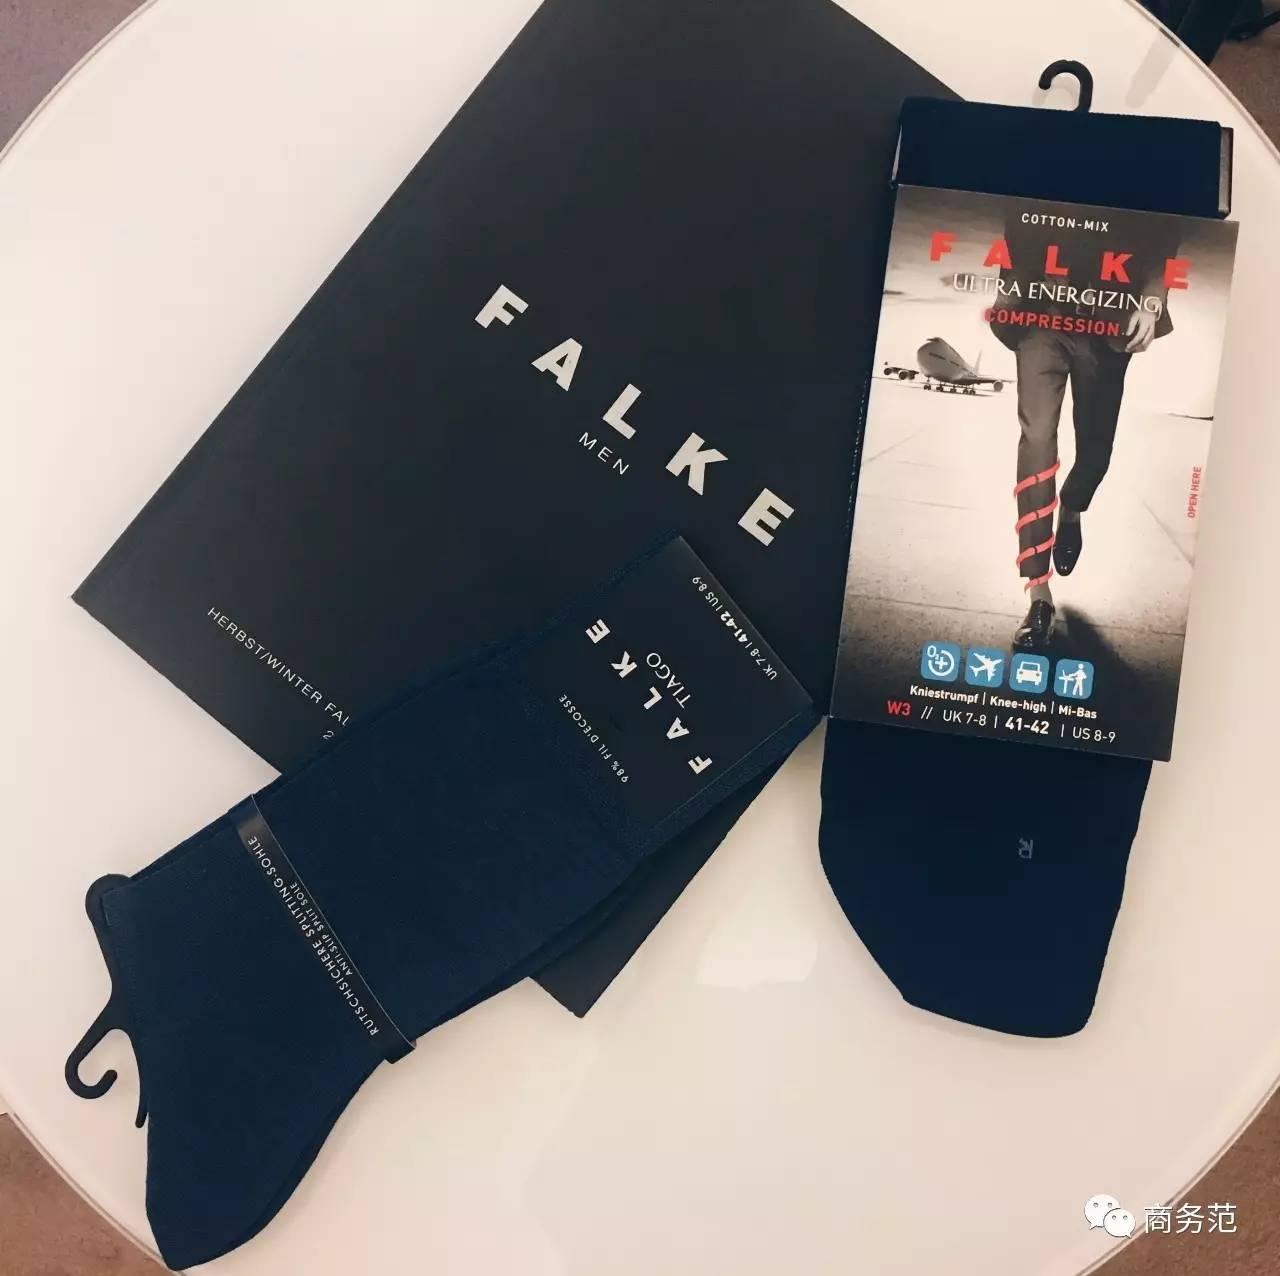 吴磊登《时装男士》四月刊封面 西装造型绅士清